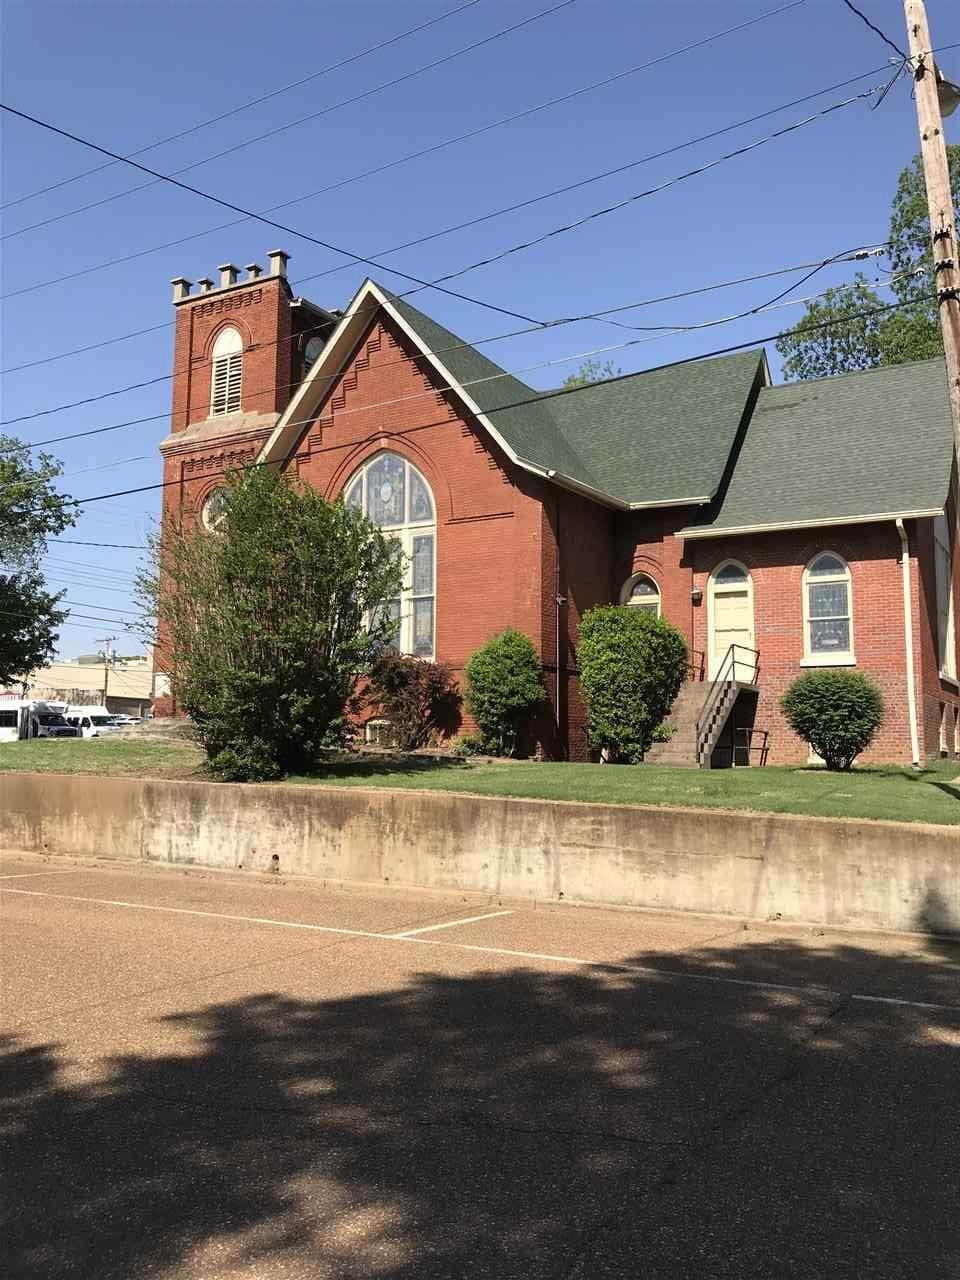 133 Washington Ave - Photo 1